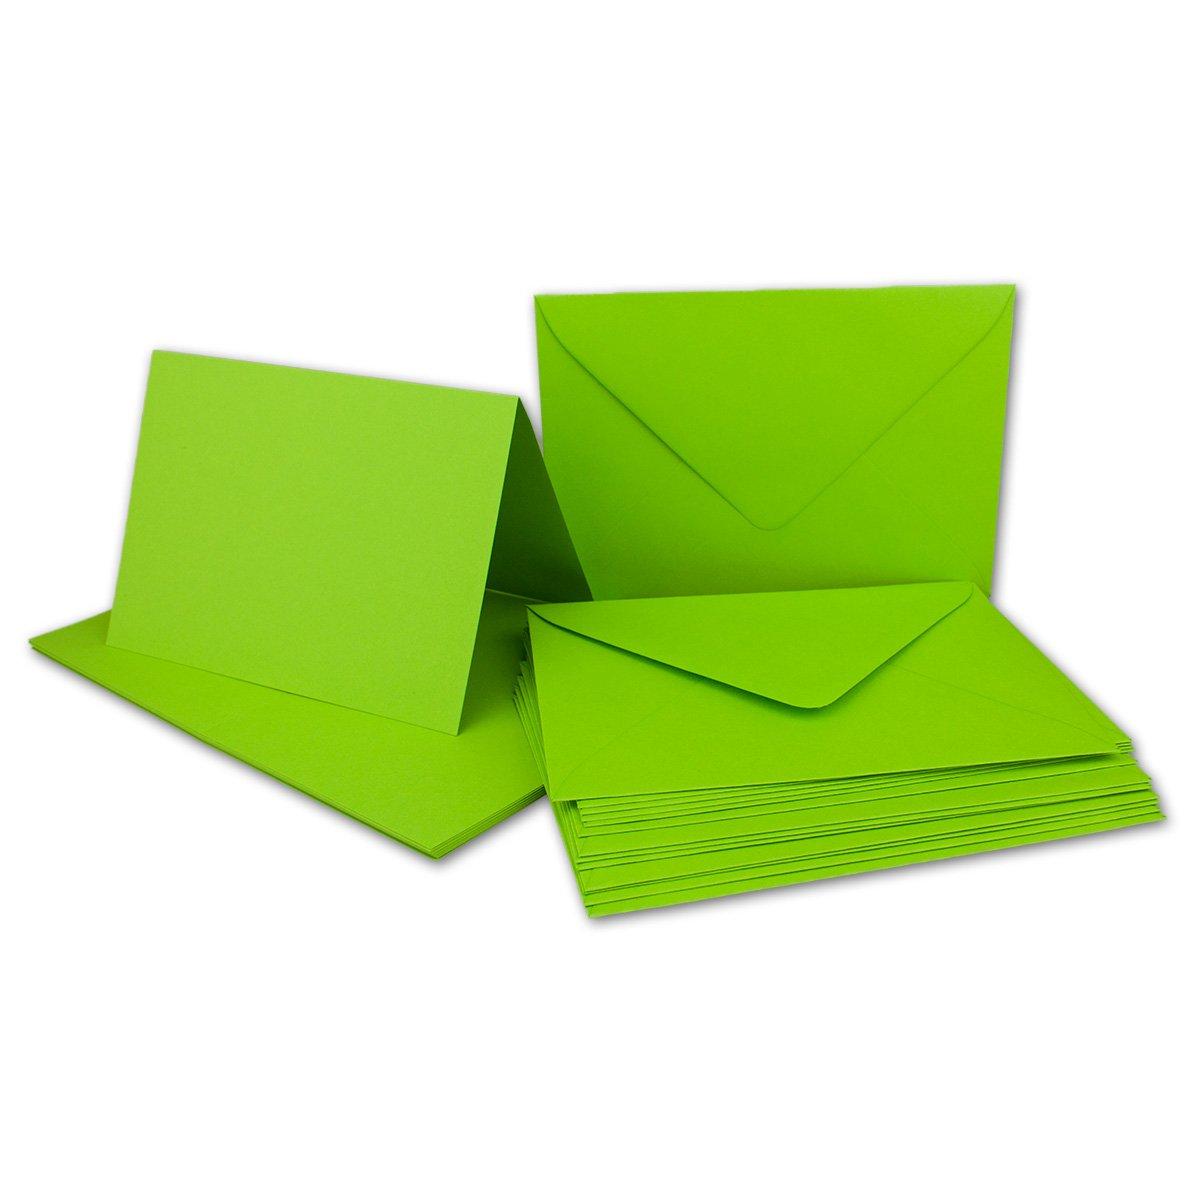 Faltkarten Set mit Brief-Umschlägen DIN A6   C6 in Rosanrot   100 Sets   14,8 x 10,5 cm   Premium Qualität   Serie FarbenFroh® B072BC36HT | Outlet